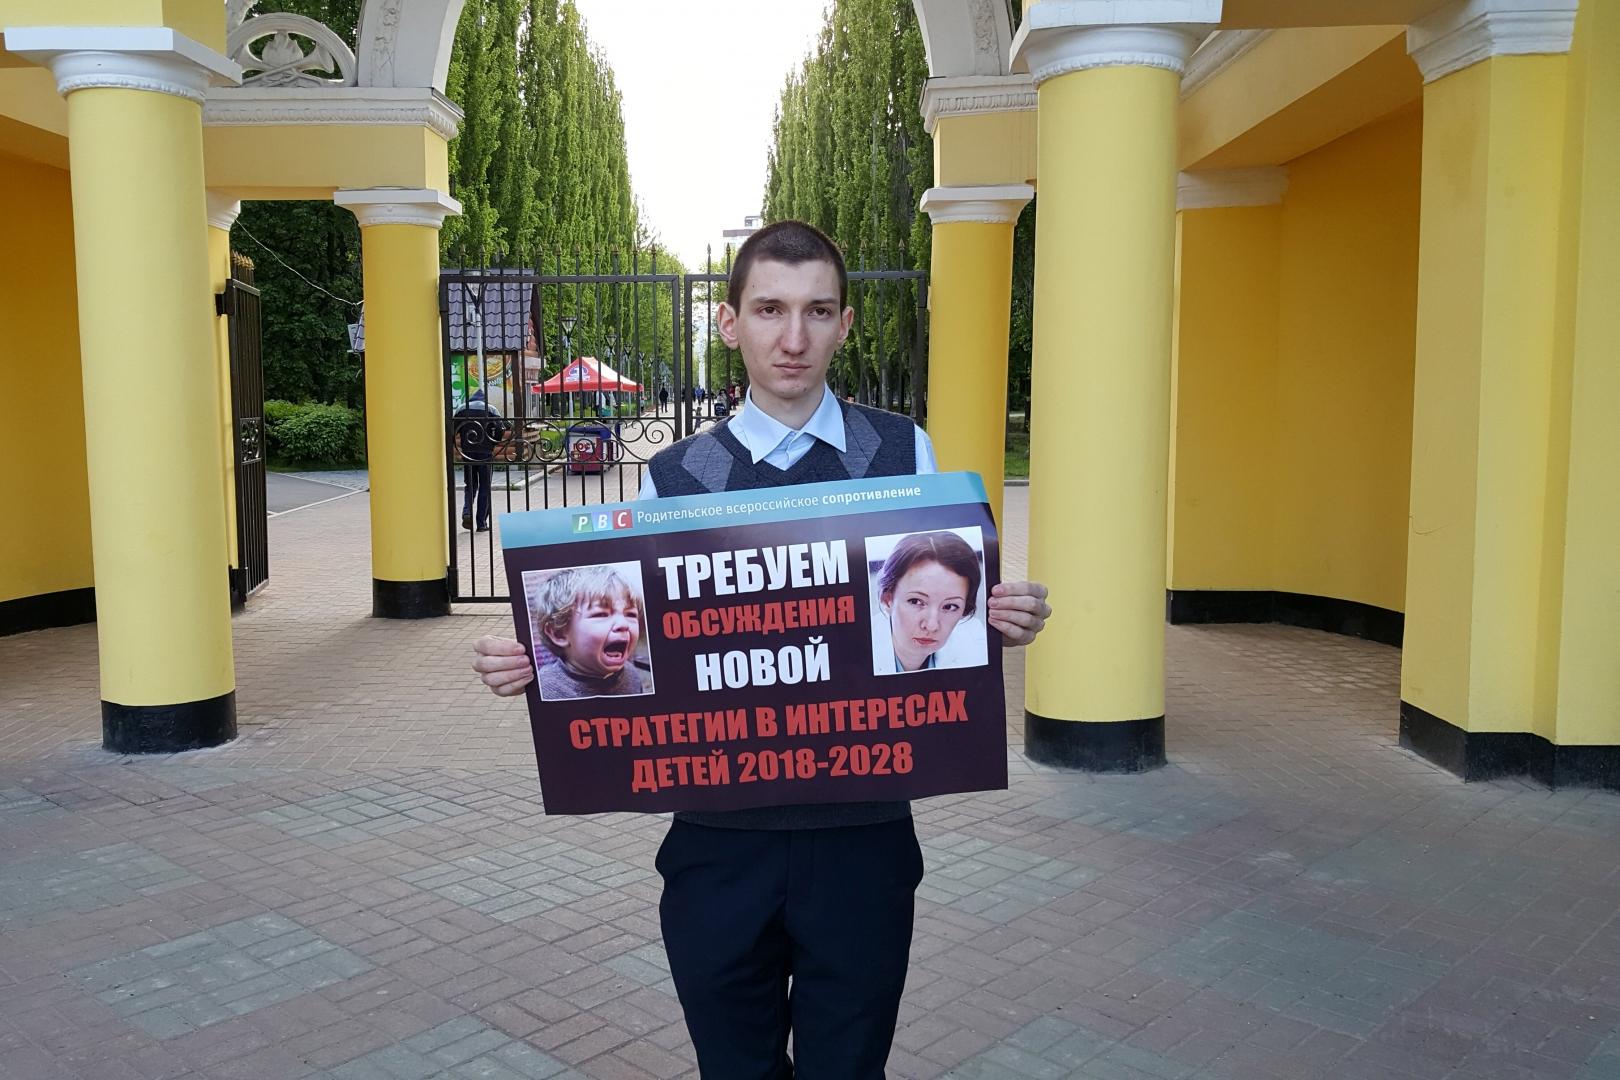 Пикет РВС у входа в парк имени Ивана Якутова, Уфа